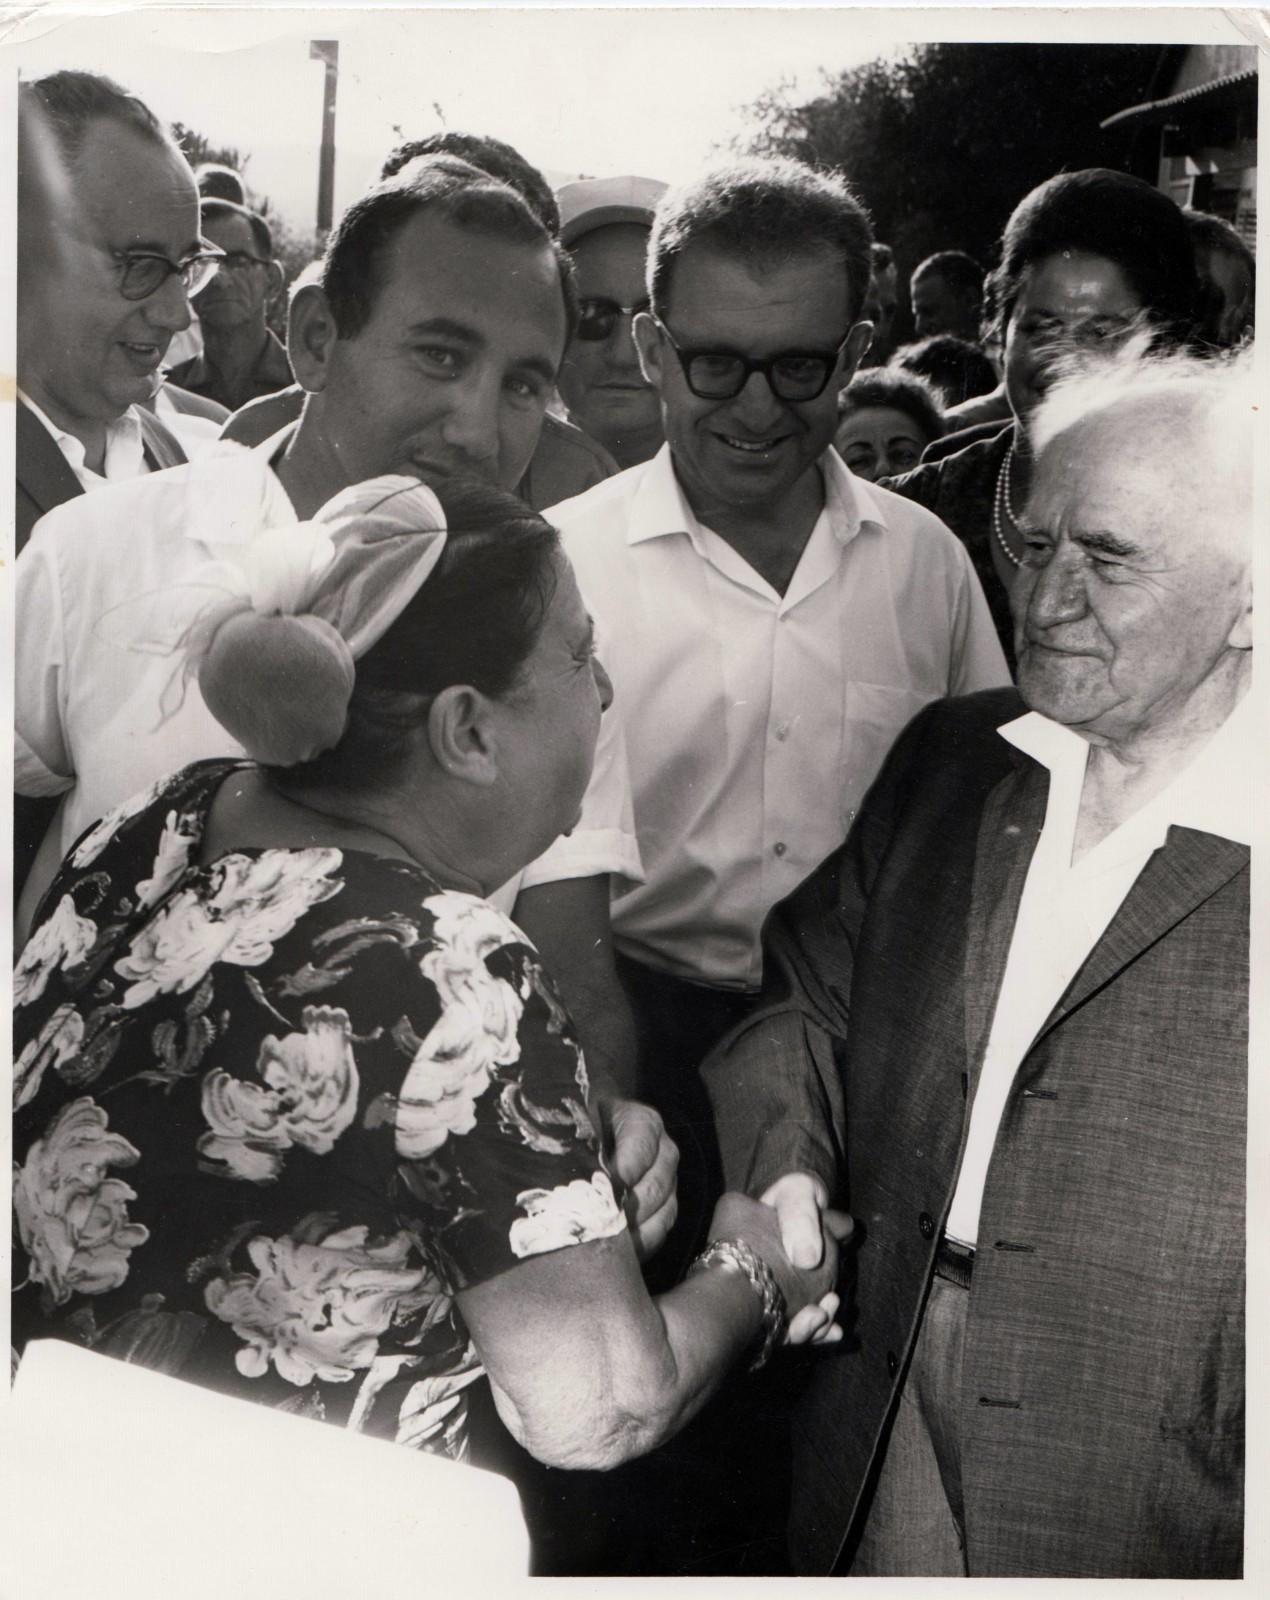 יוסף חריף (במרכז) עם דוד בן-גוריון, 1966 (צילום: באדיבות המשפחה)